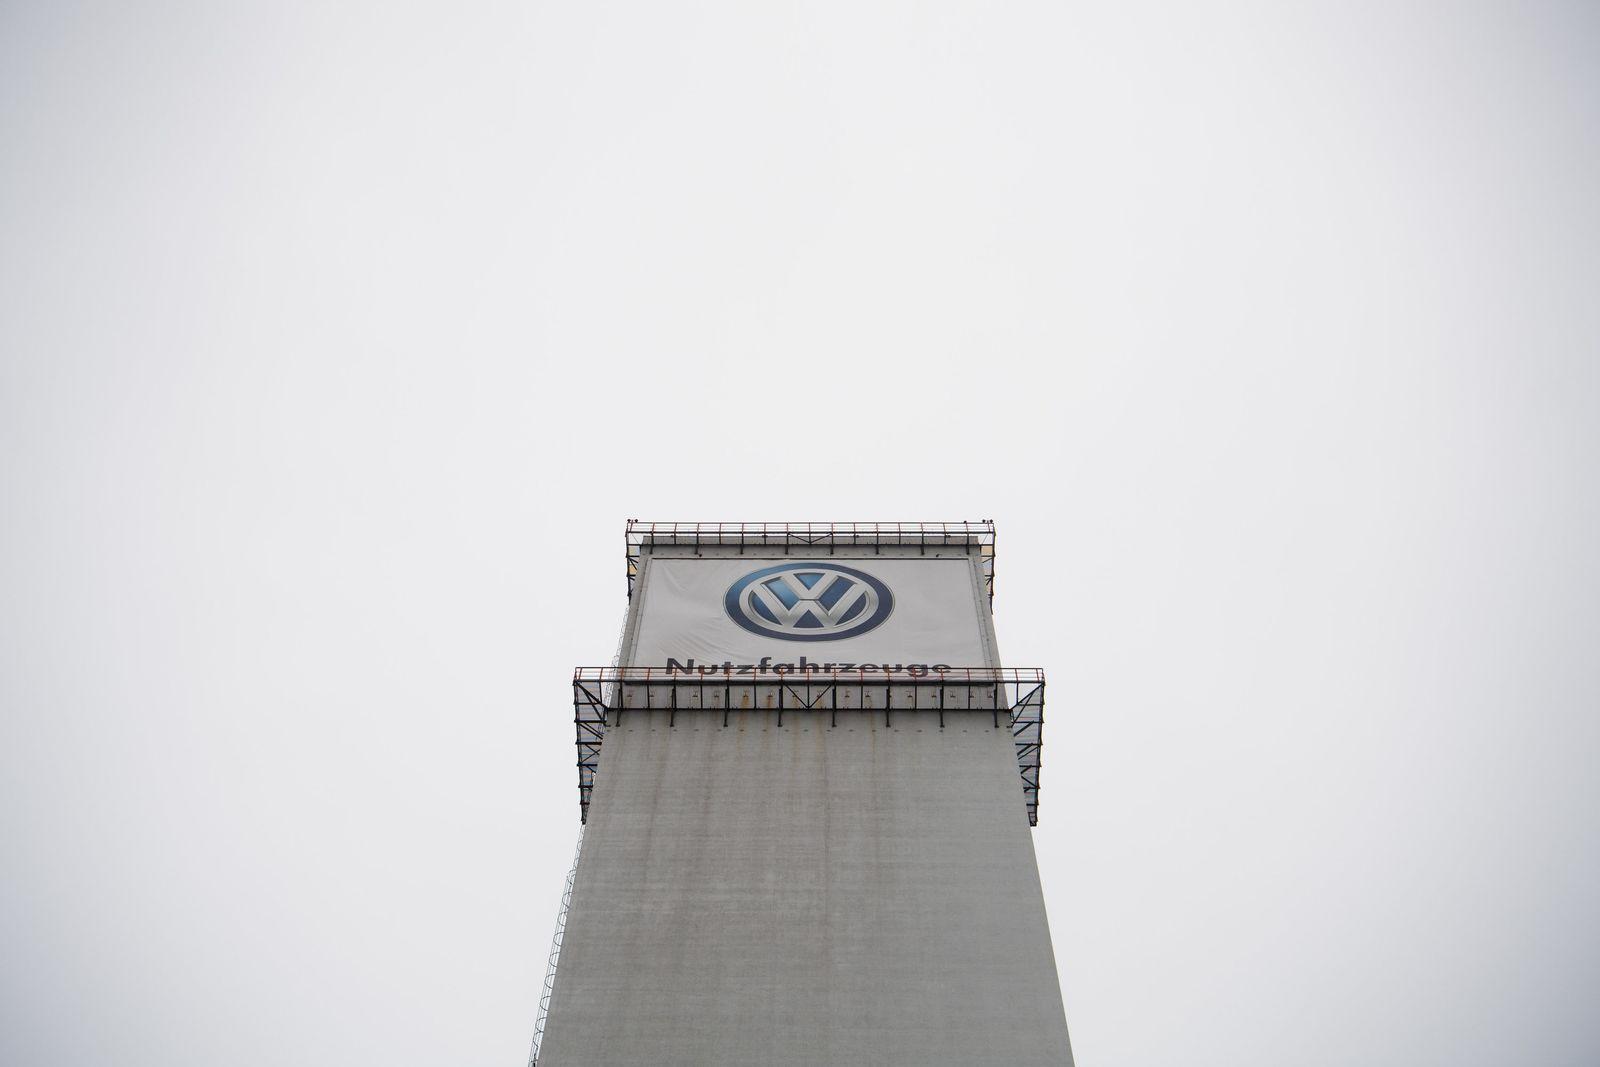 Volkswagen Werk Hannover